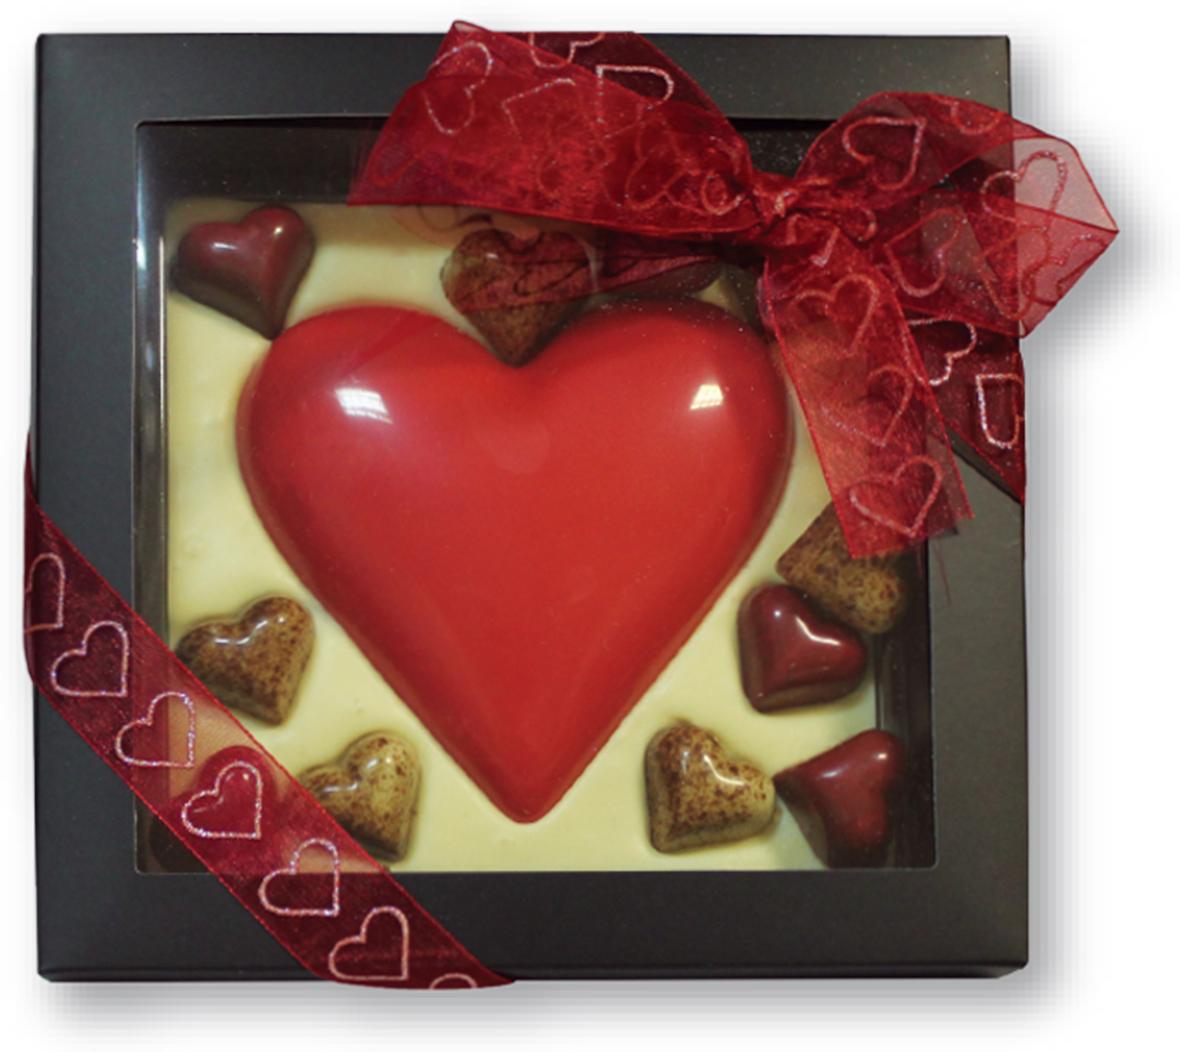 Chco Chocbar XL De Luxe Сердце с шоколадными конфетами, 380 г chco марципановые шарики в ванильном сахар 150 г